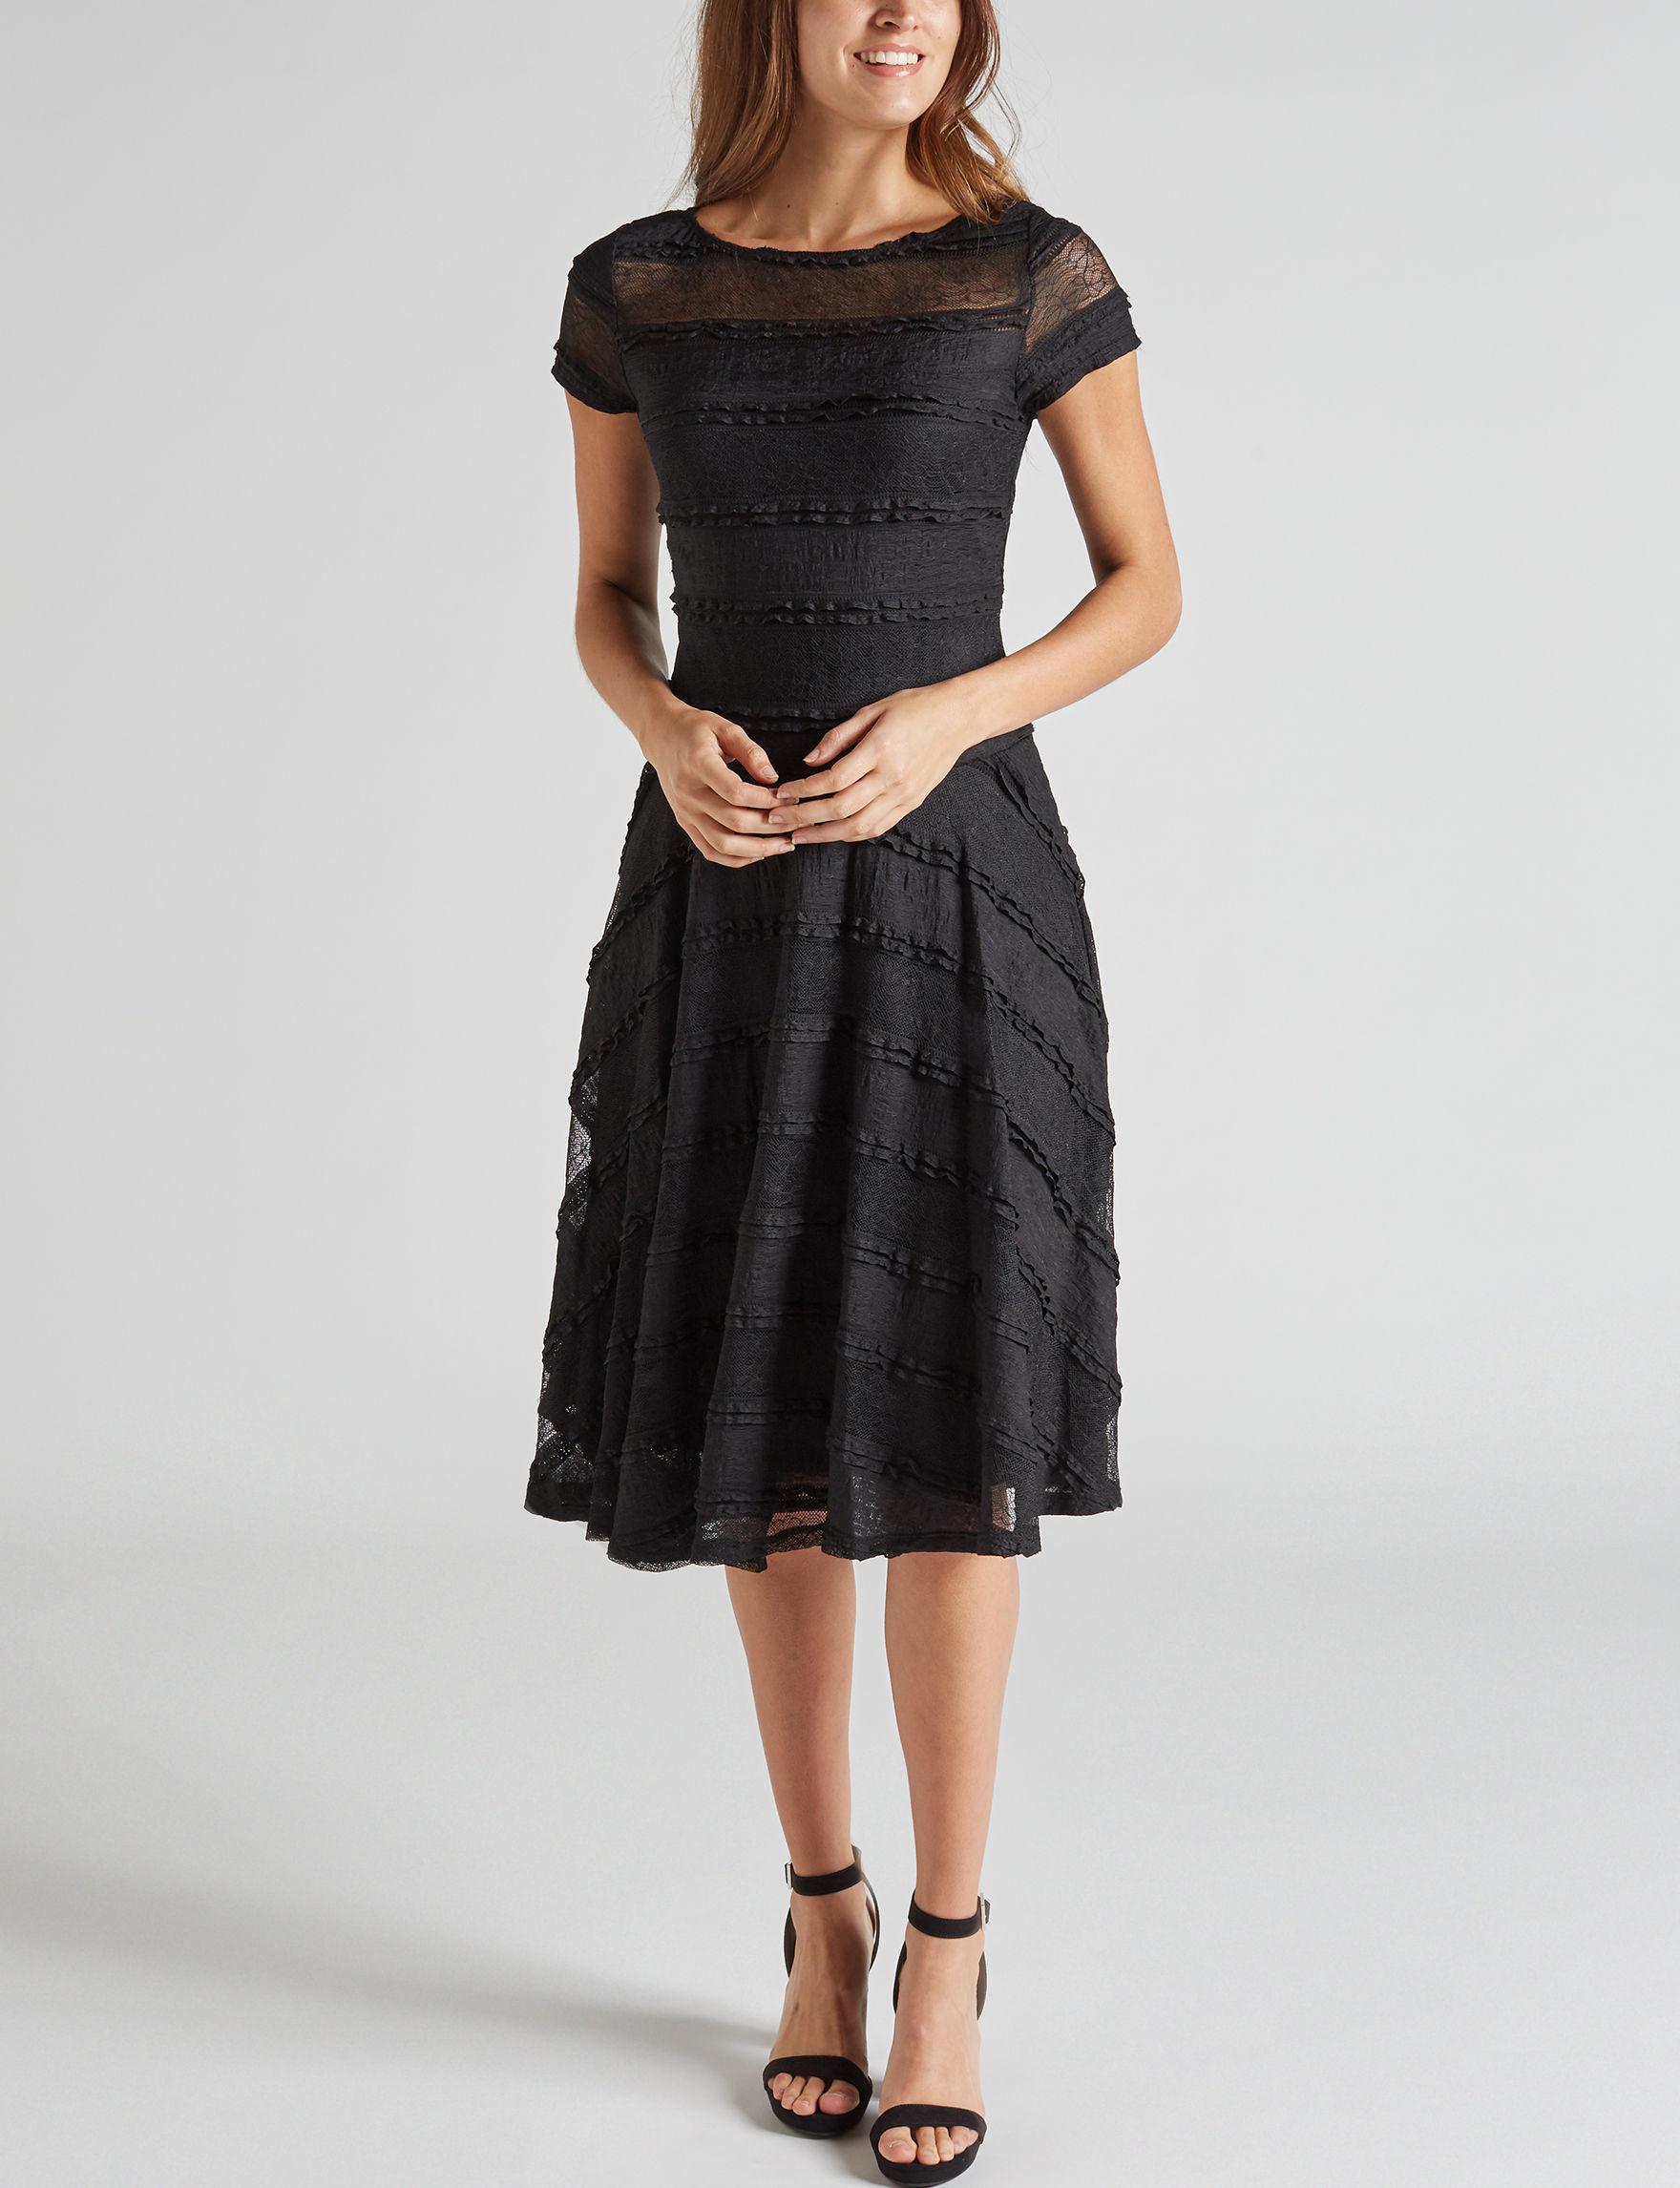 Sangria Black A-line Dresses